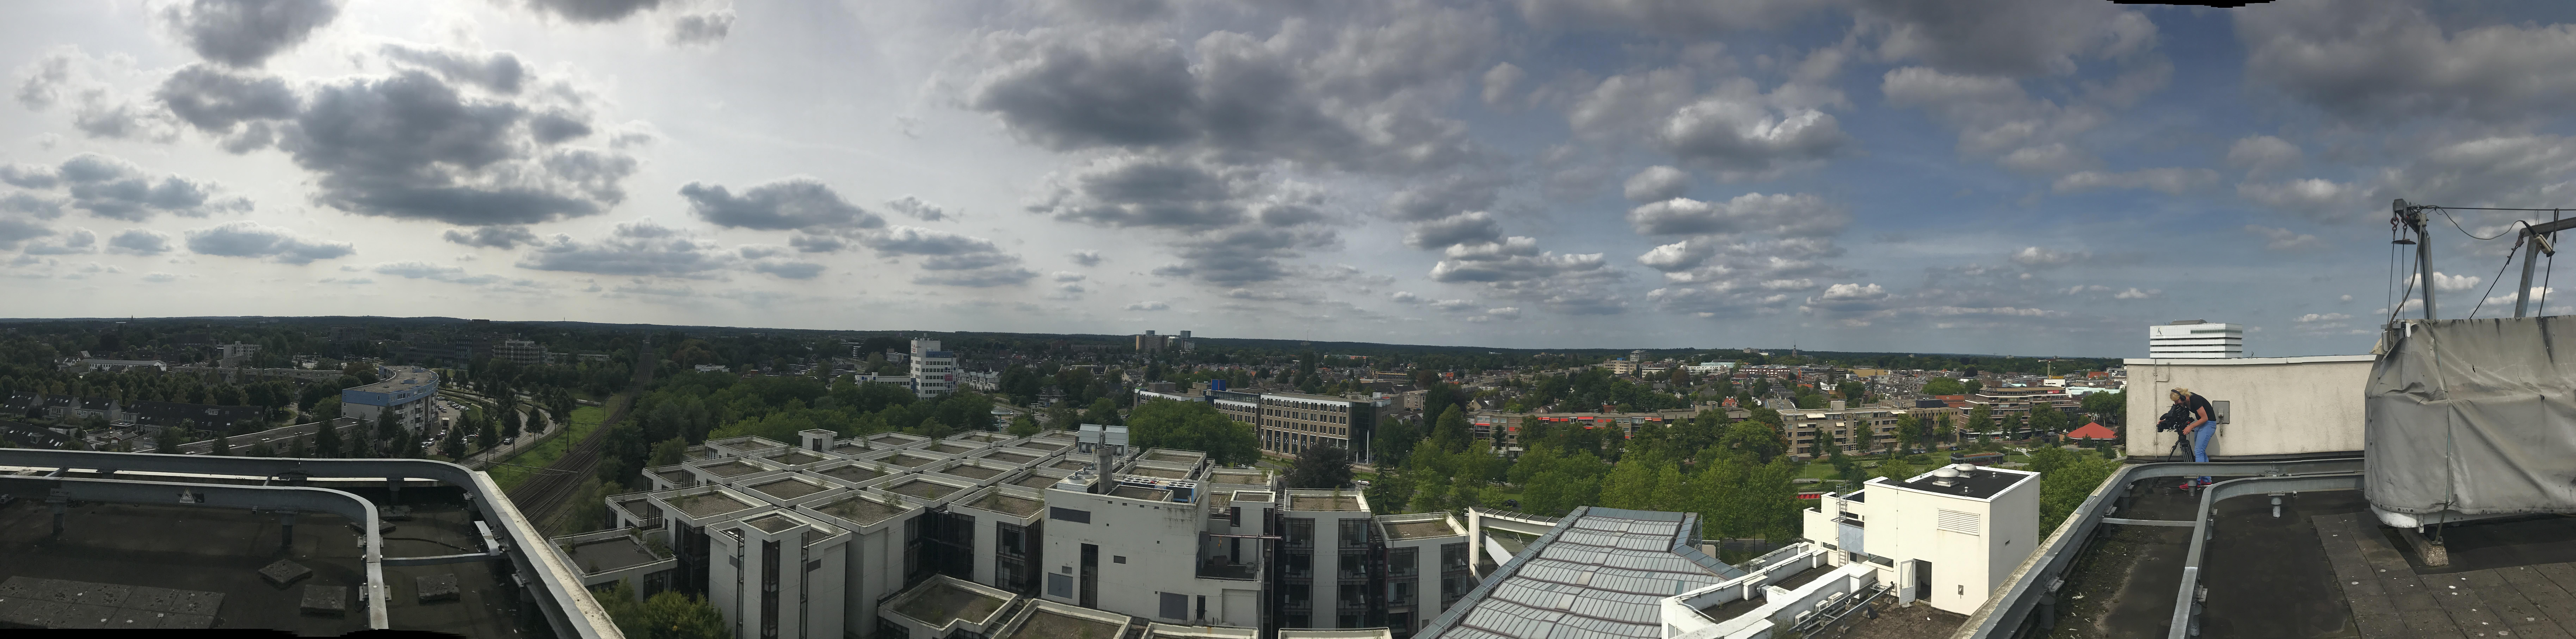 Centraal Beheer - Apeldoorn